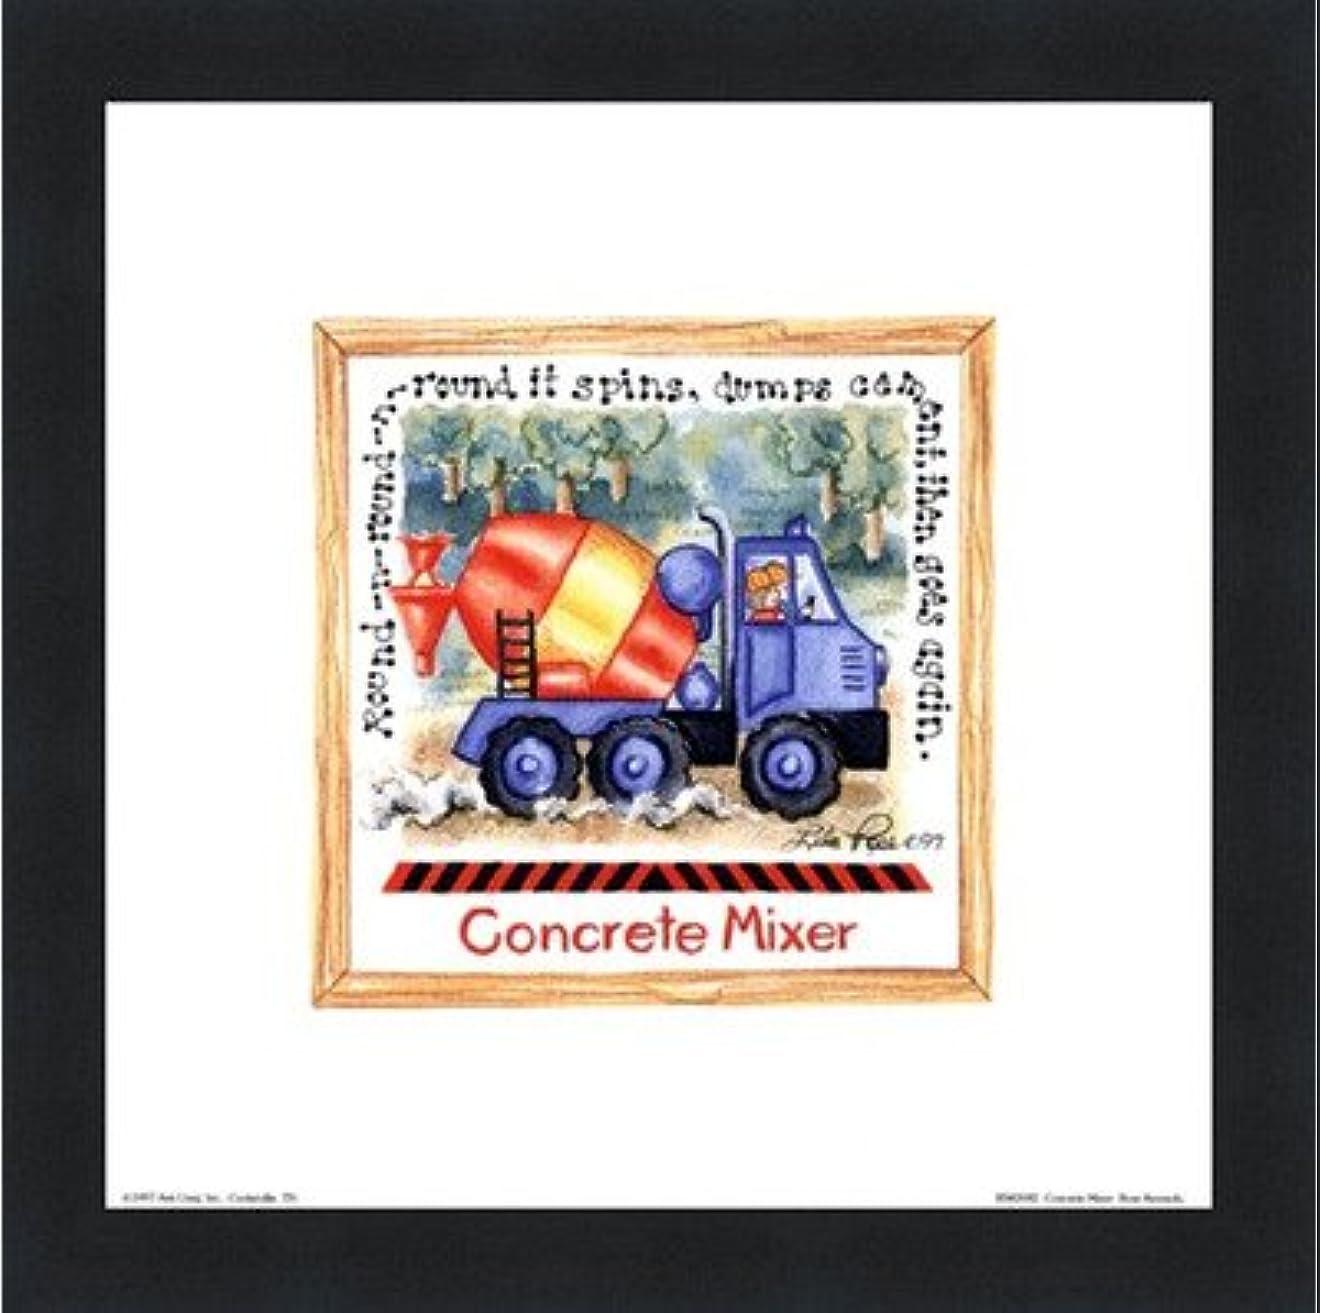 コンクリートミキサーby Lila Rose Kennedy – 8 x 8インチ – アートプリントポスター LE_391264-F101-8x8